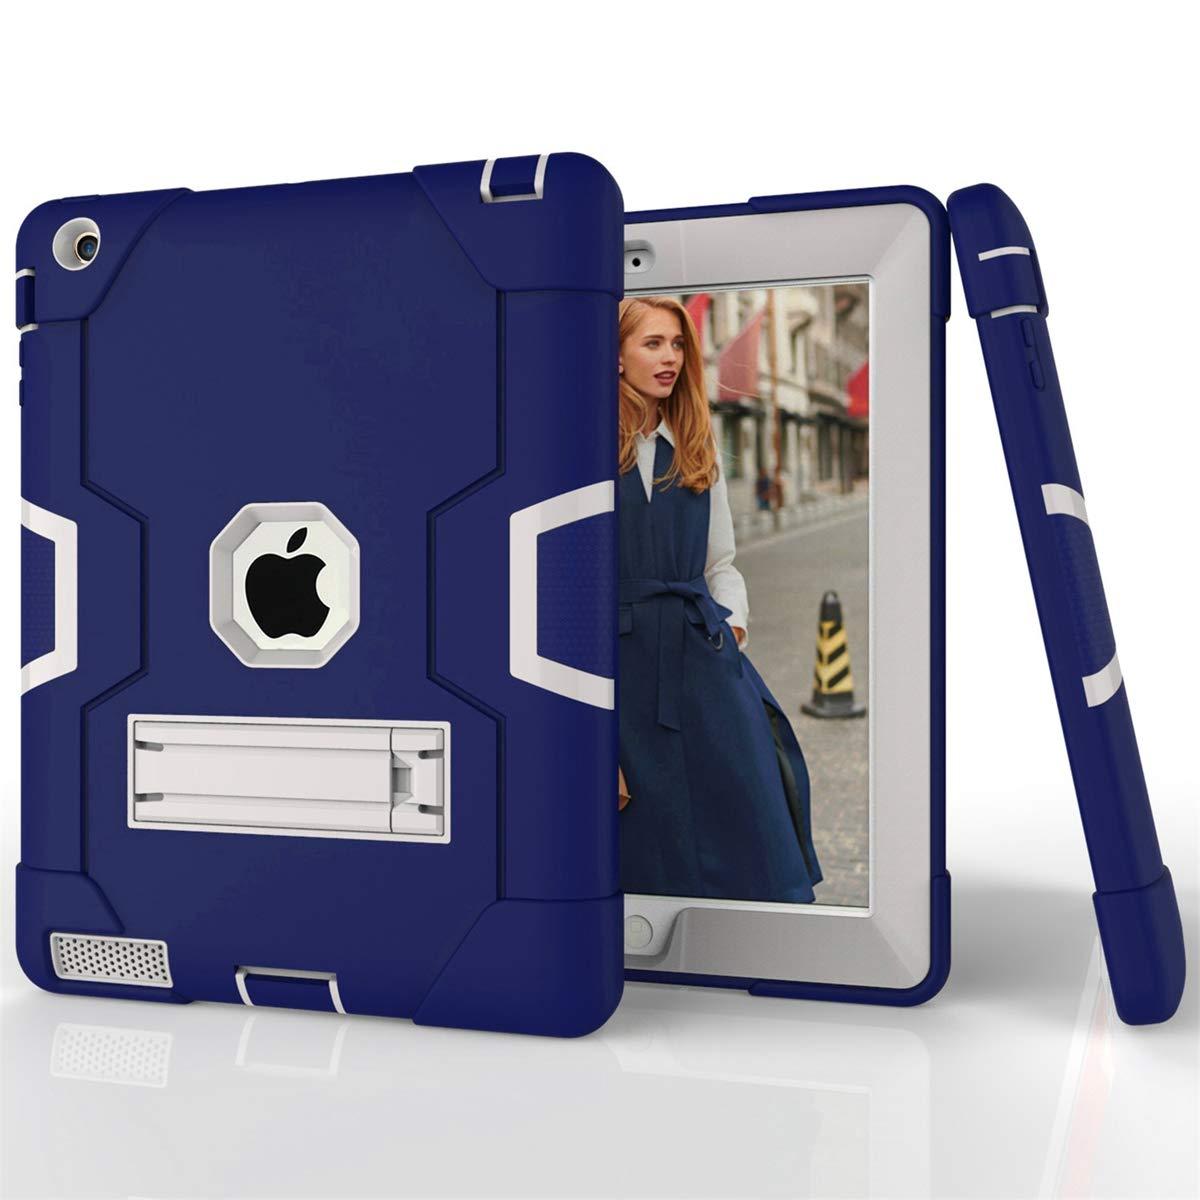 最新エルメス AICEDA iPad 2 2 3 Grey 4 カバー TPU 4対応 スキンプロテクター 保護電話ケースカバー iPad 2 3 4対応 (アクア+グレー), RK27-O9-976 Navy Blue + Grey B07L4P6B4T, SELECTSPORTS セレクトスポーツ:85da6611 --- a0267596.xsph.ru